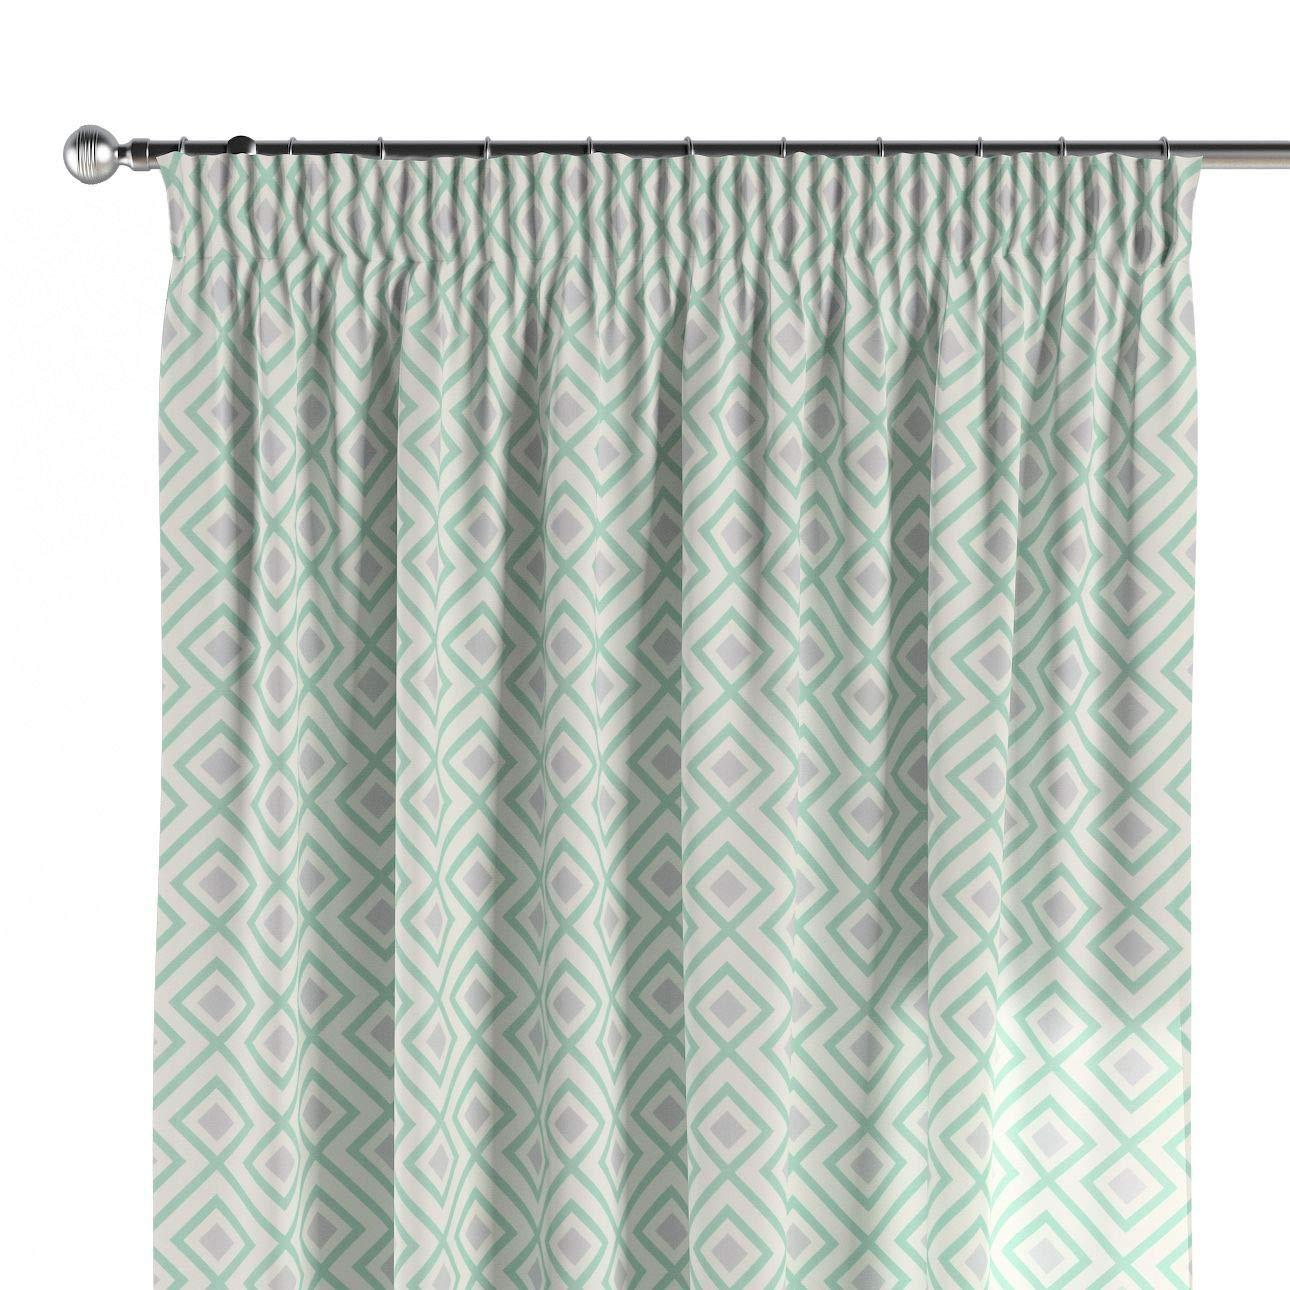 Dekoria Vorhang mit Kräuselband Dekoschal Blickdicht 1 Stck. 130 × 260 cm grau-grün Maßanfertigung möglich